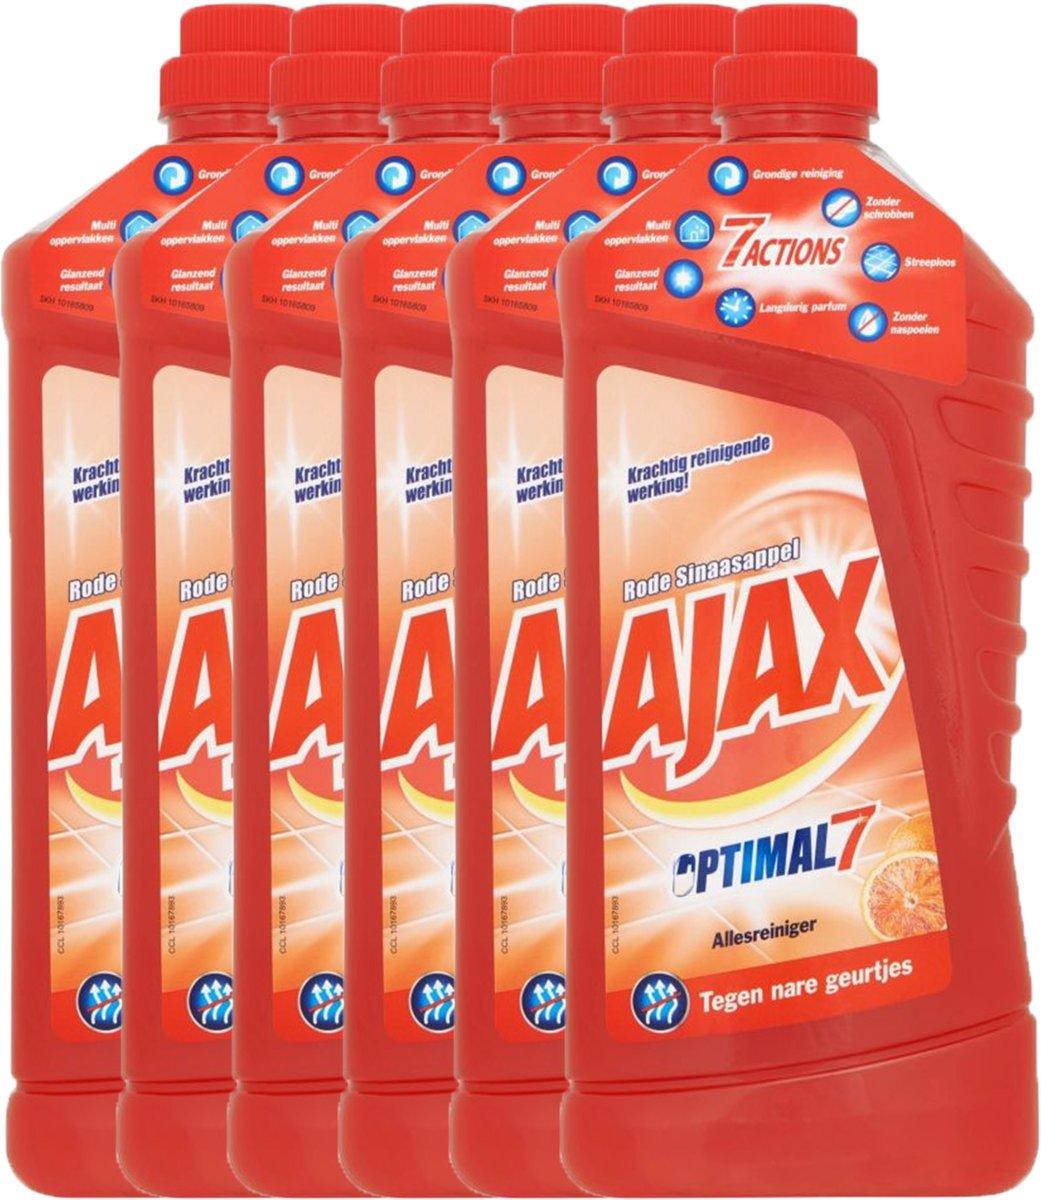 Ajax Allesreiniger Rode Sinaasappel Optimal7  - 6 x 1,25l - Voordeelverpakking